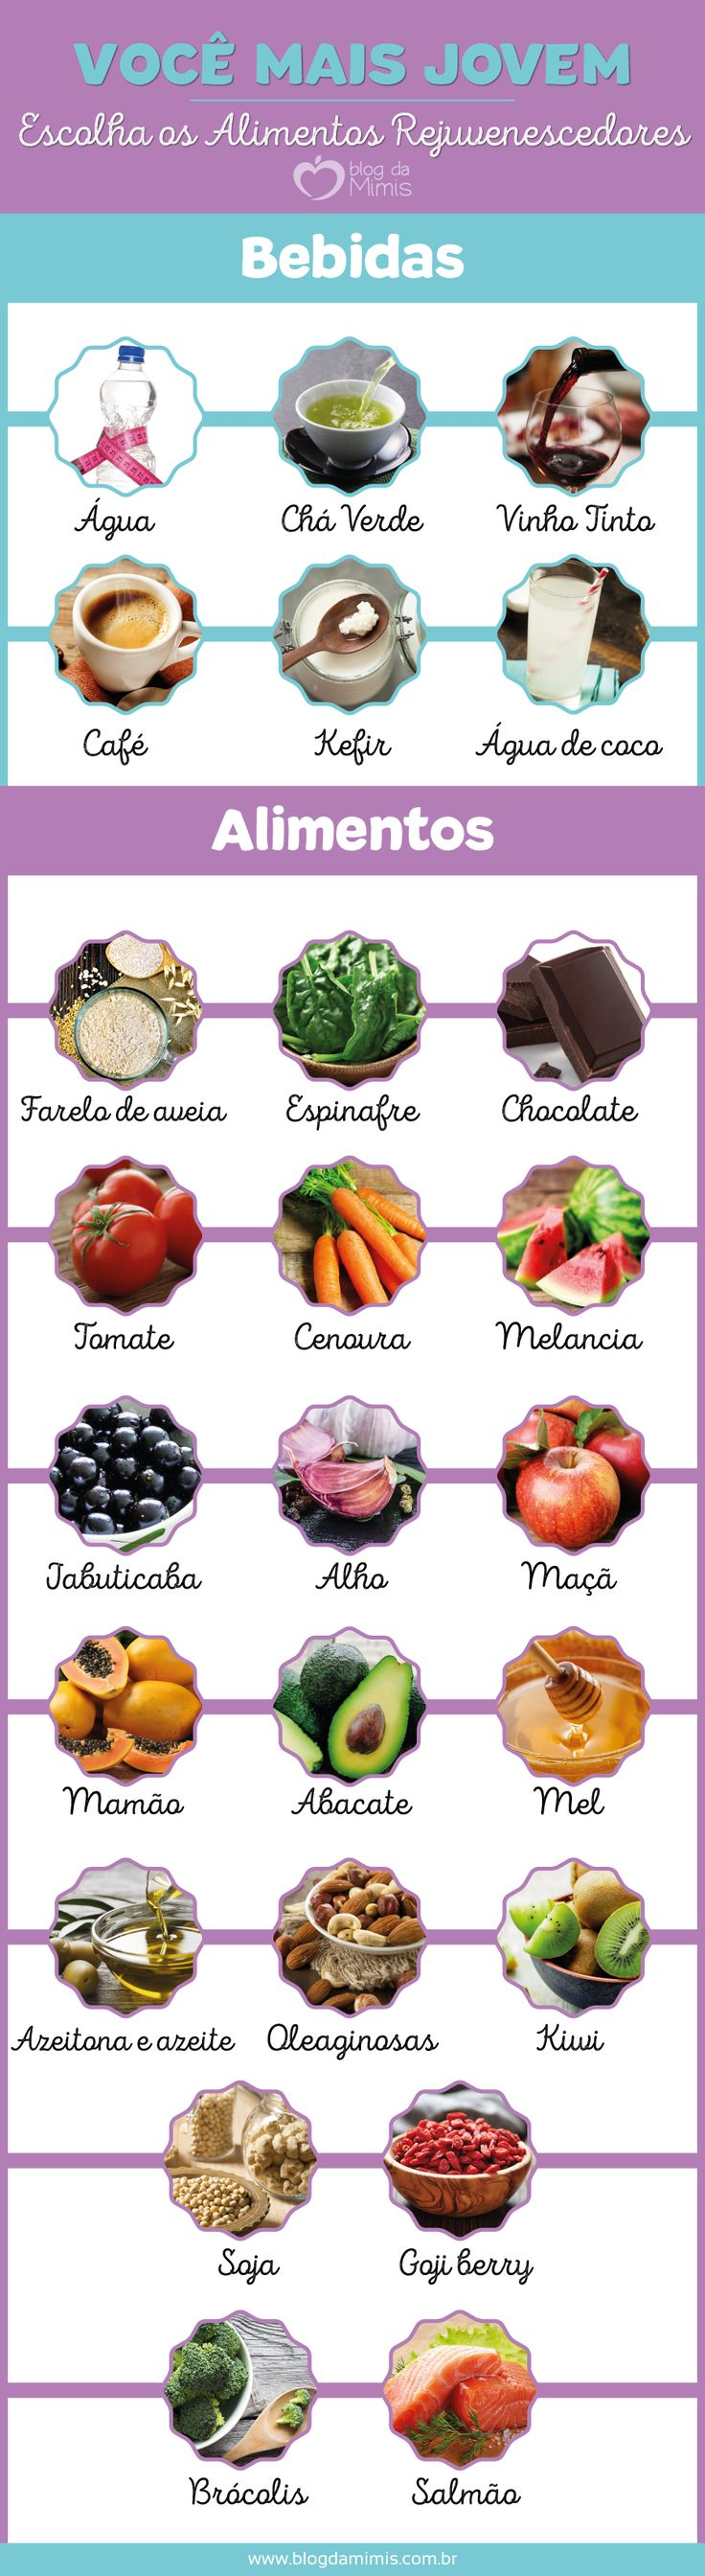 Você mais jovem: escolha os alimentos rejuvenescedores - Blog da Mimis #diet #eating #feeding #nutrition #loseweight #dieta #alimentação #saudável #perderpeso #emagrecer #emagrecimento #blogdamimis